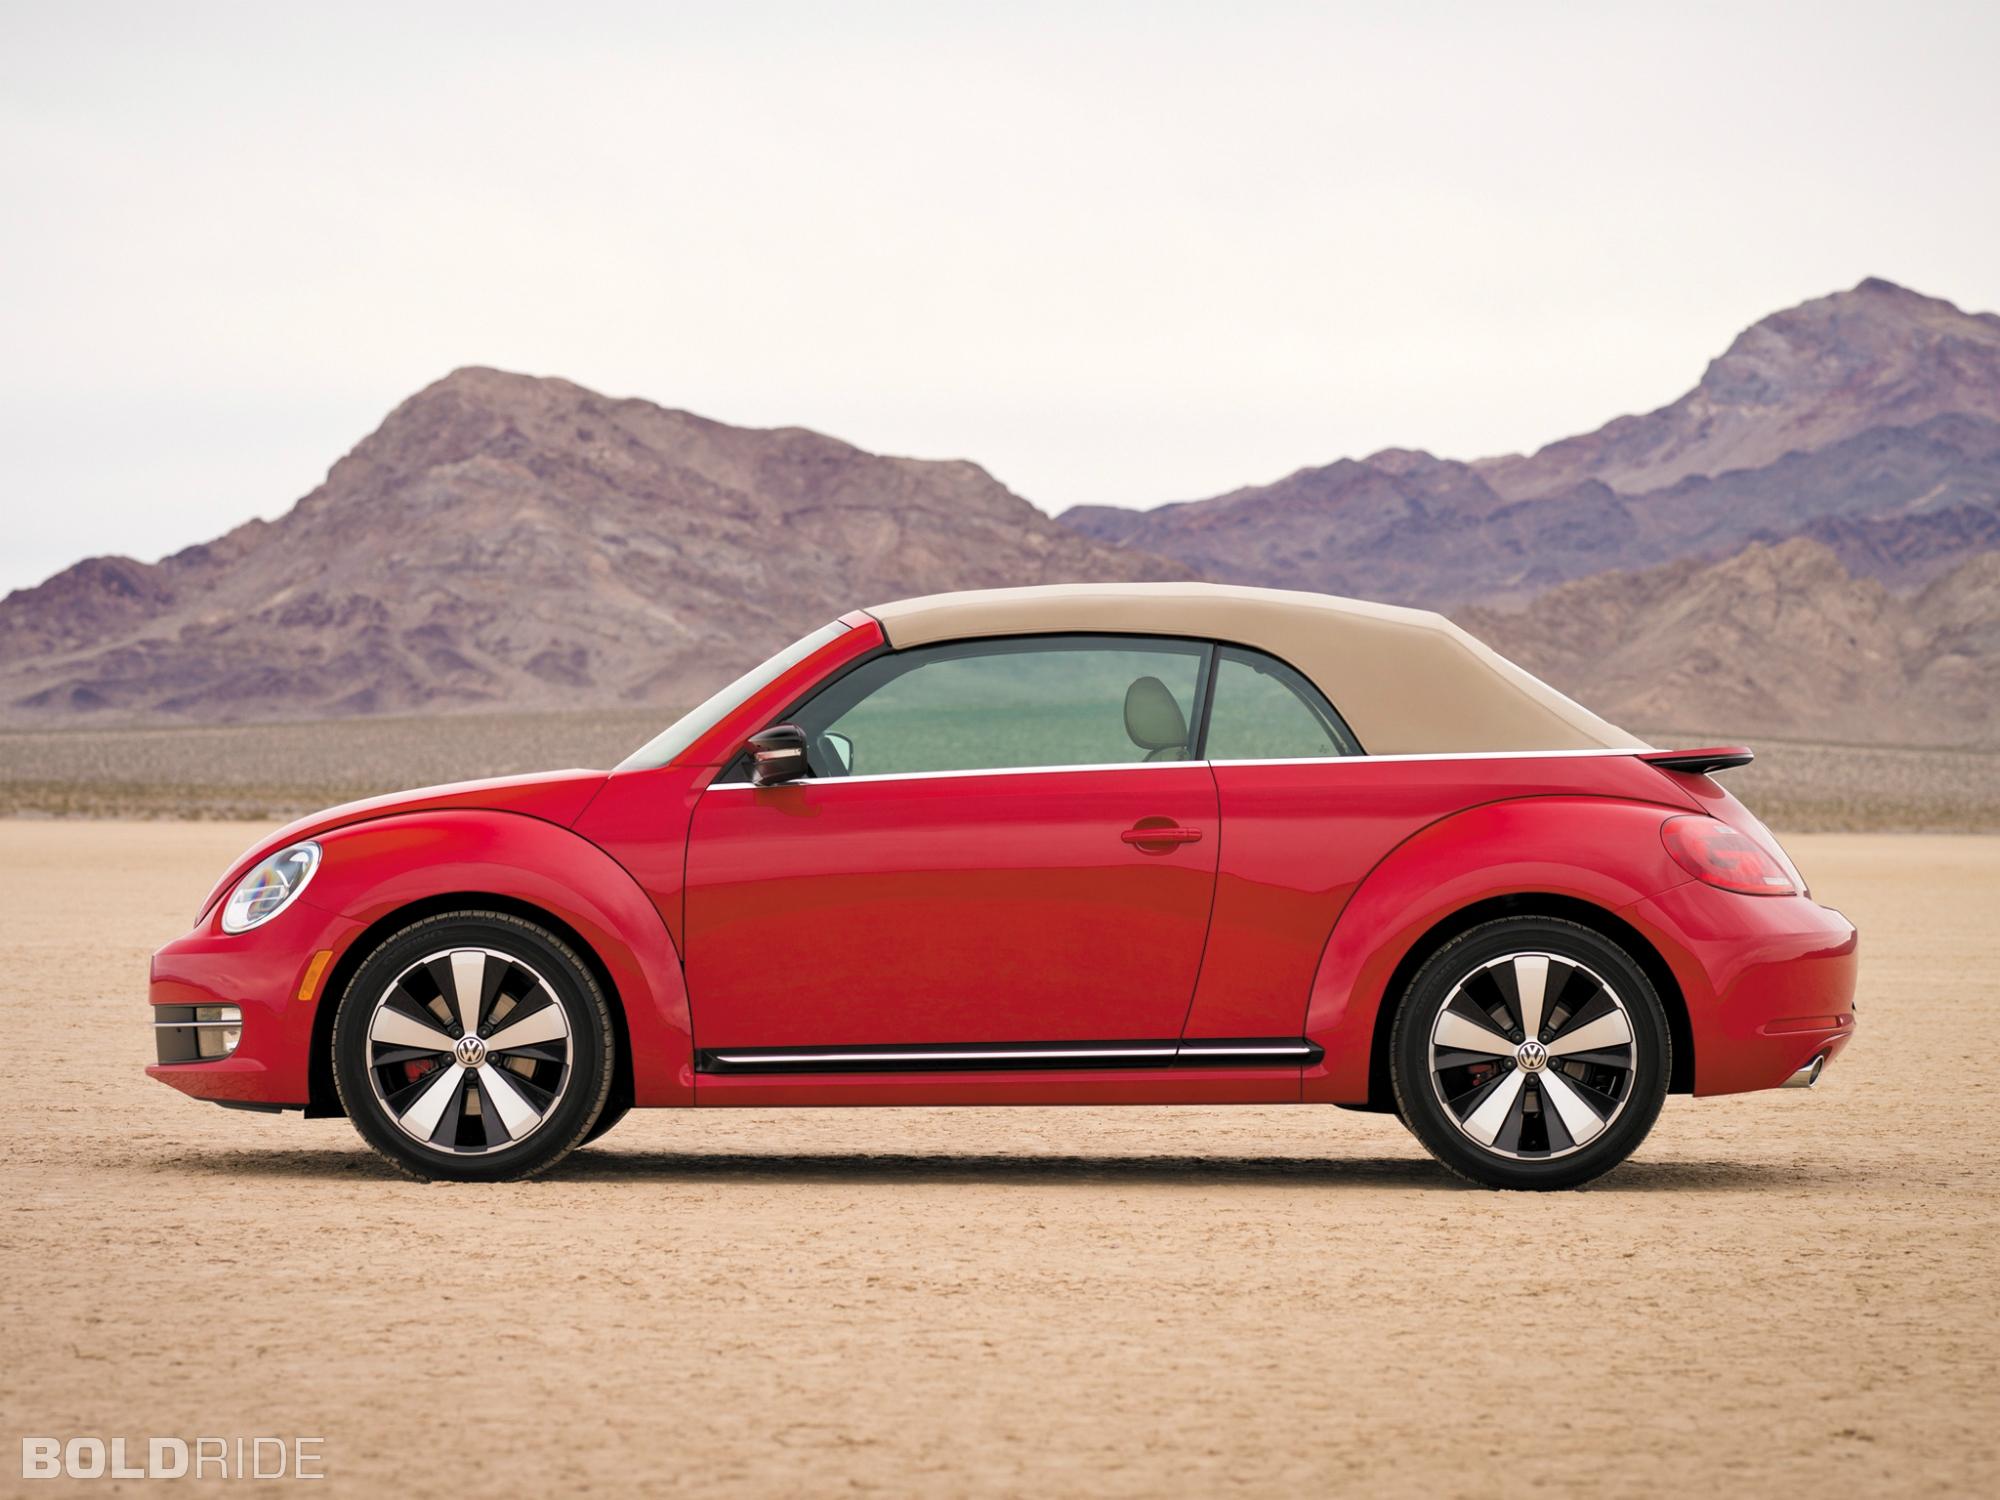 2013 Volkswagen Beetle Convertible Image 11